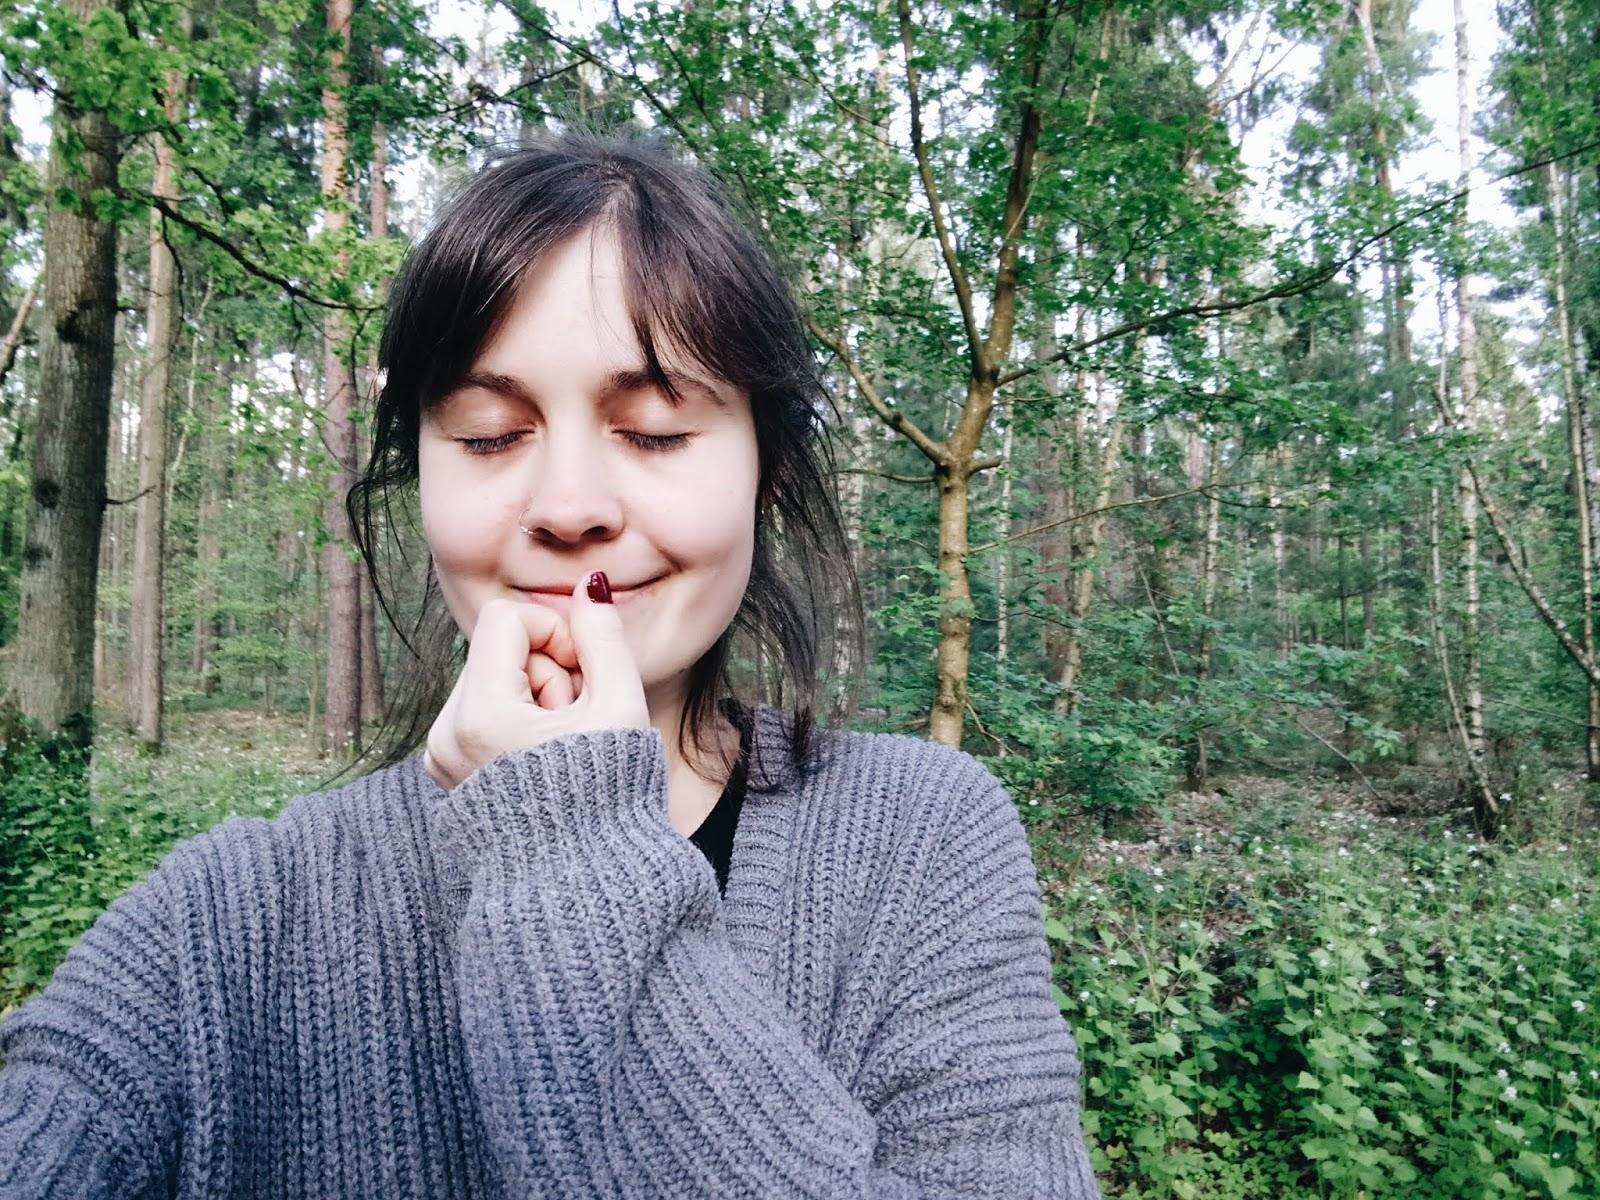 Tipps für Introvertierte, um im Alltag Energie zurückgewinnen zu können, zum Beispiel durch Zeit in der Natur!